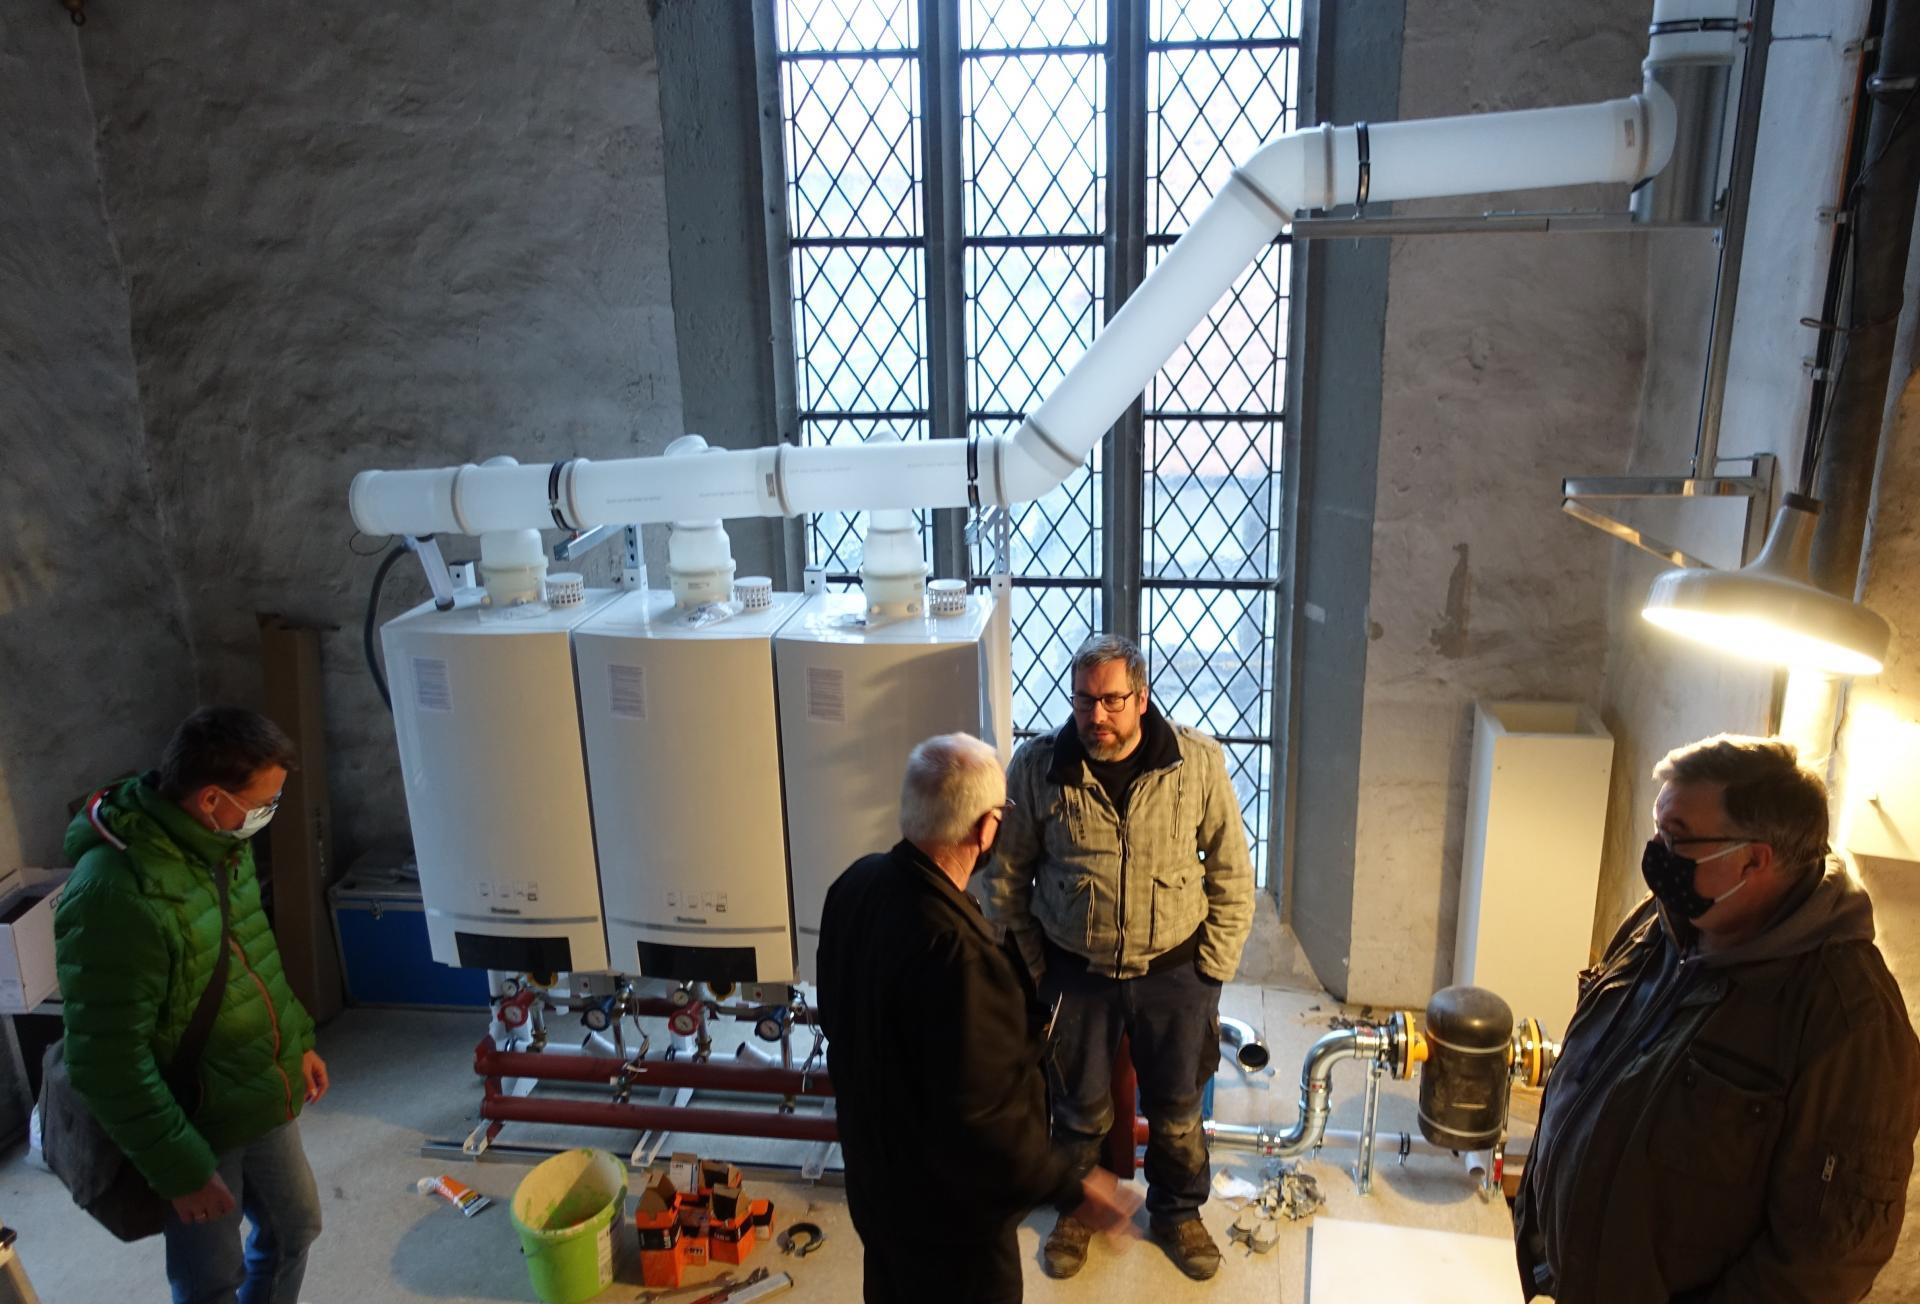 Bild 231 ein Gesprächstermin mit Henning Schmidt, Bezirksschornsteinmeister mit Michael Täubert, Erik Müller und Frank Wagner in der Vorbälgekammer